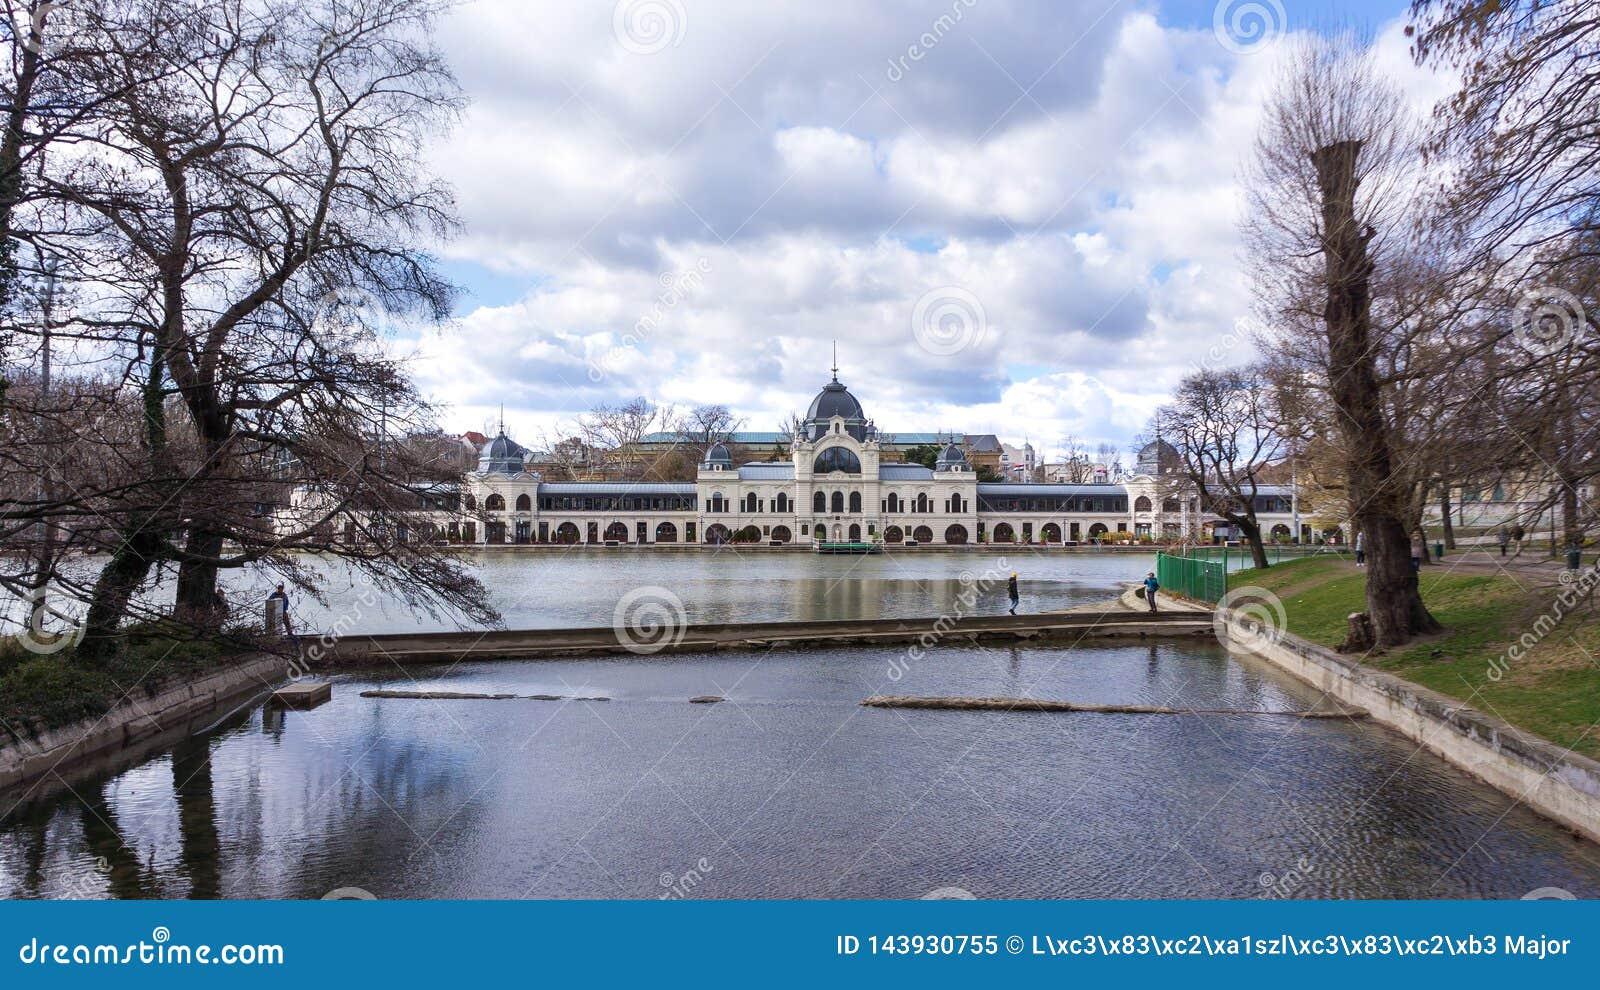 El castillo de Vajdahunyad es un castillo en el parque de la ciudad de Budapest, Hungr?a